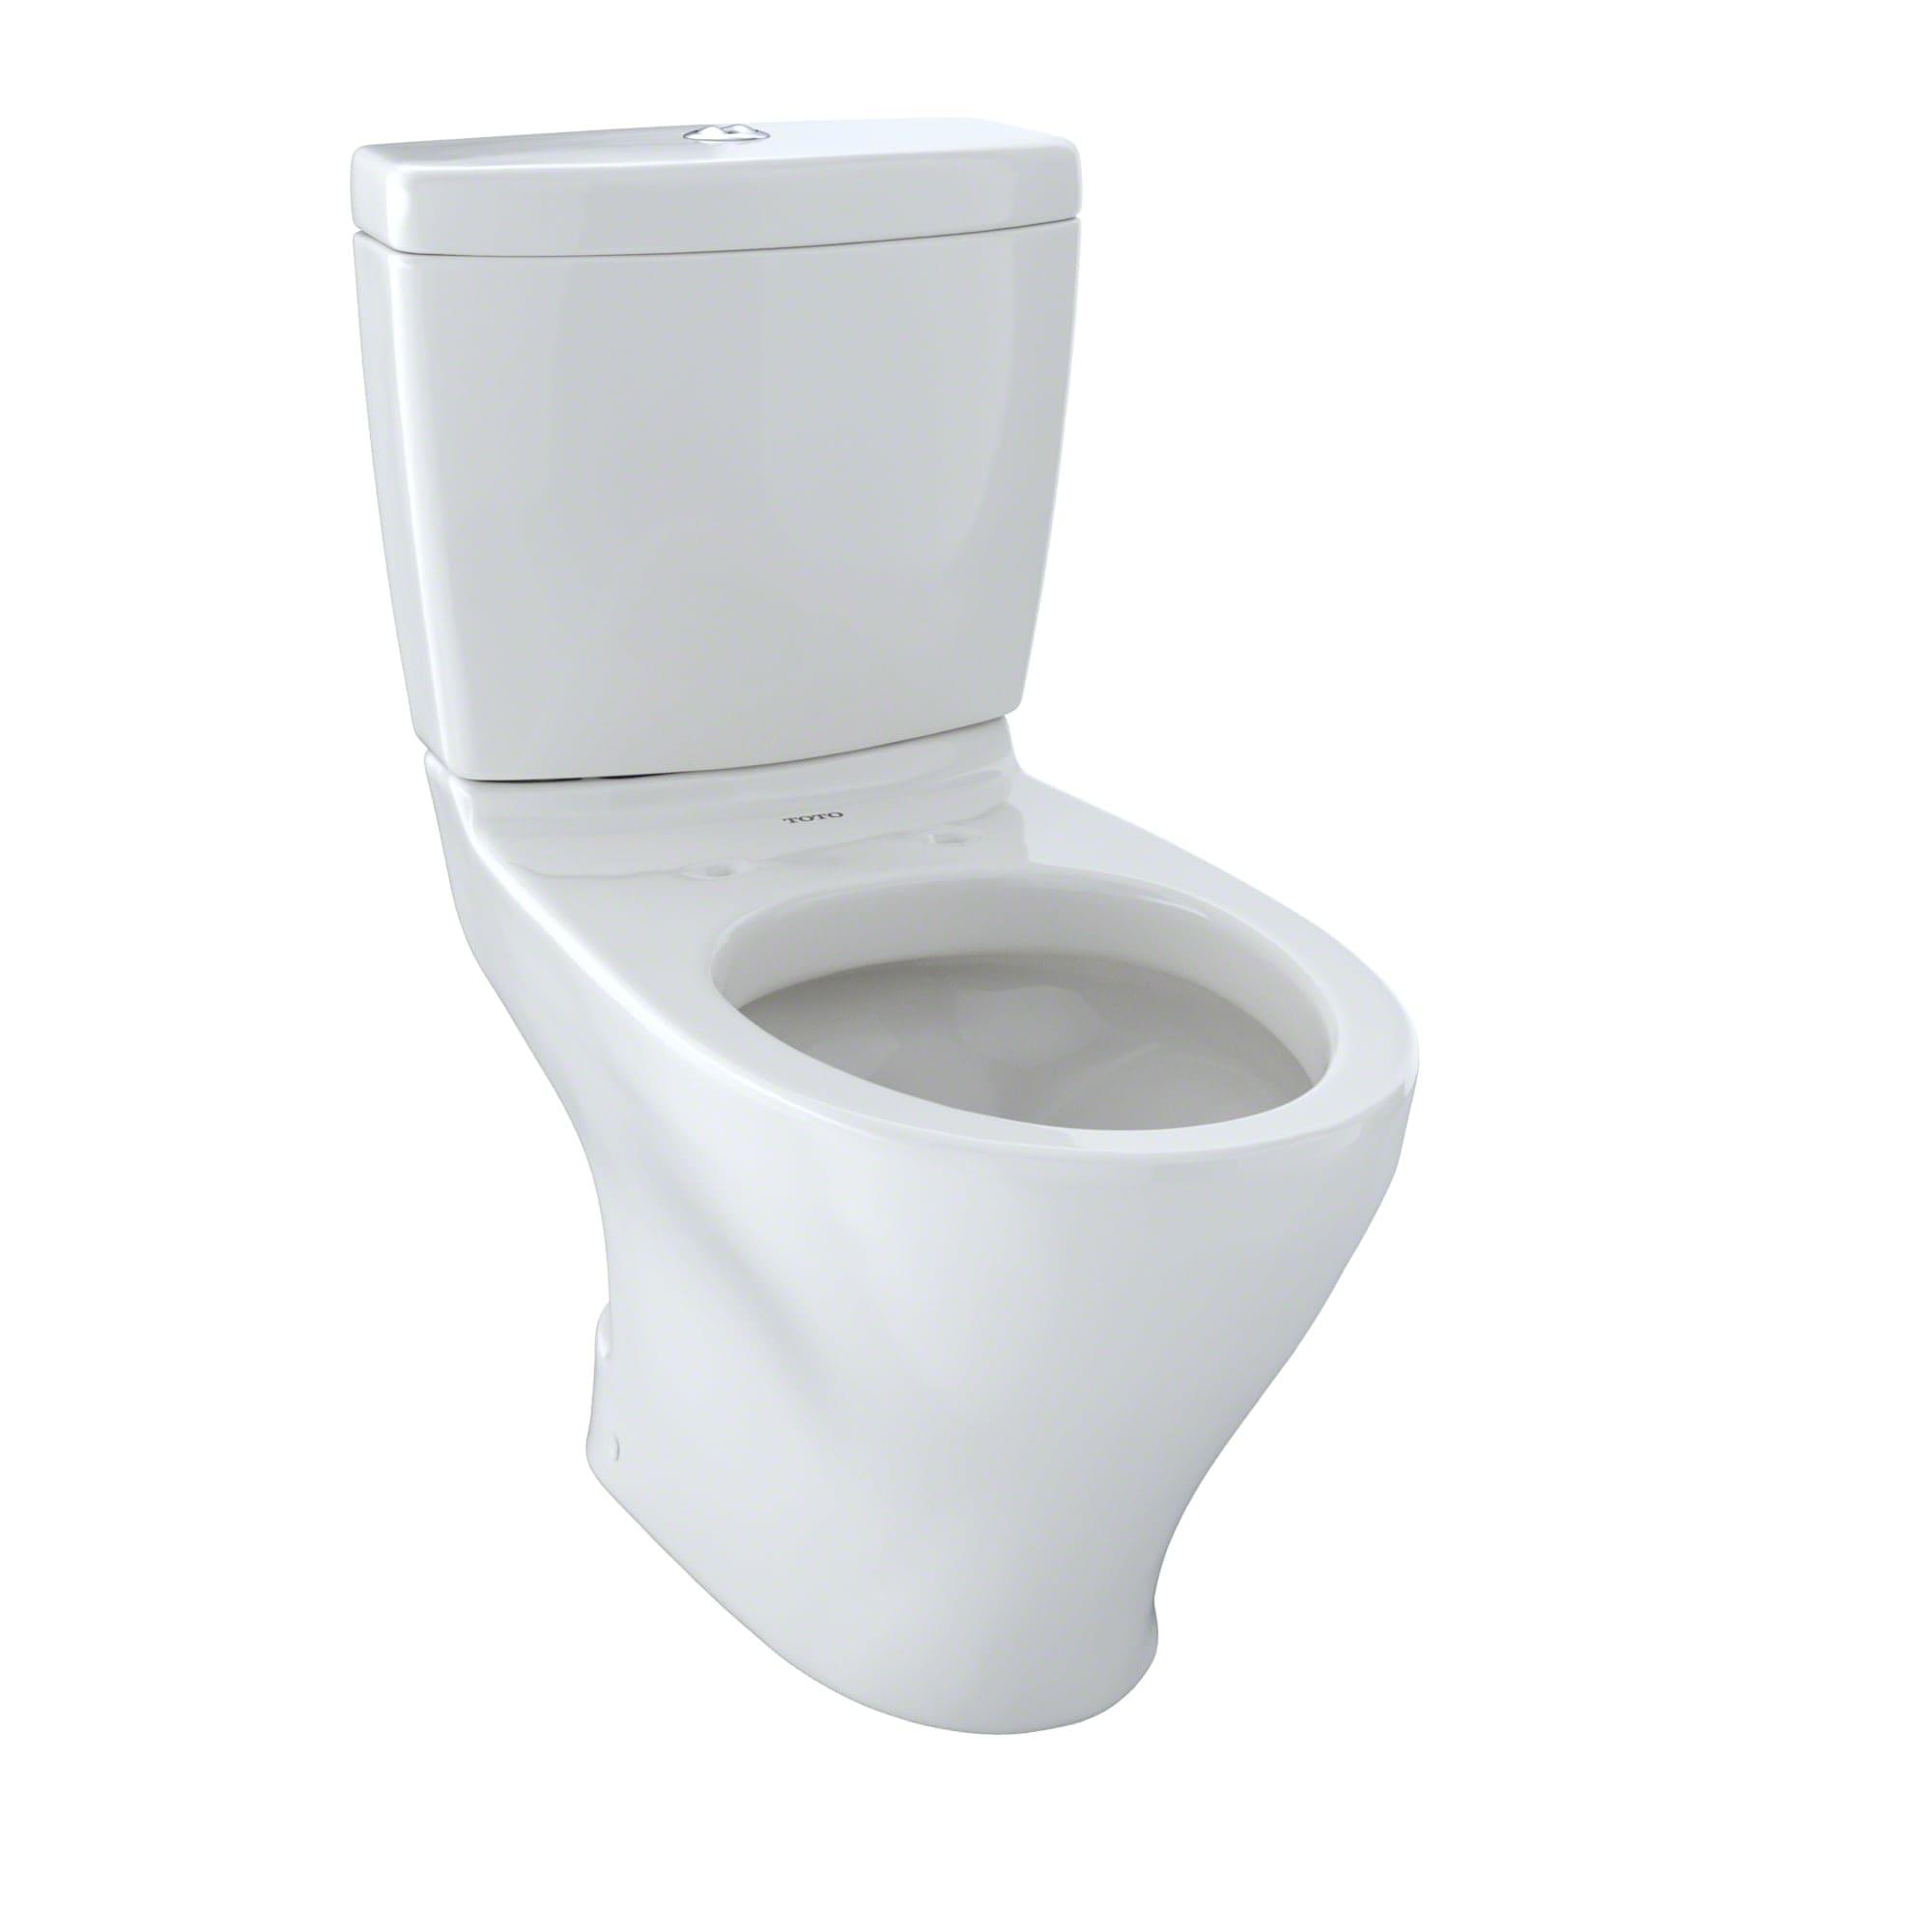 Toto CST416M Toilet Build